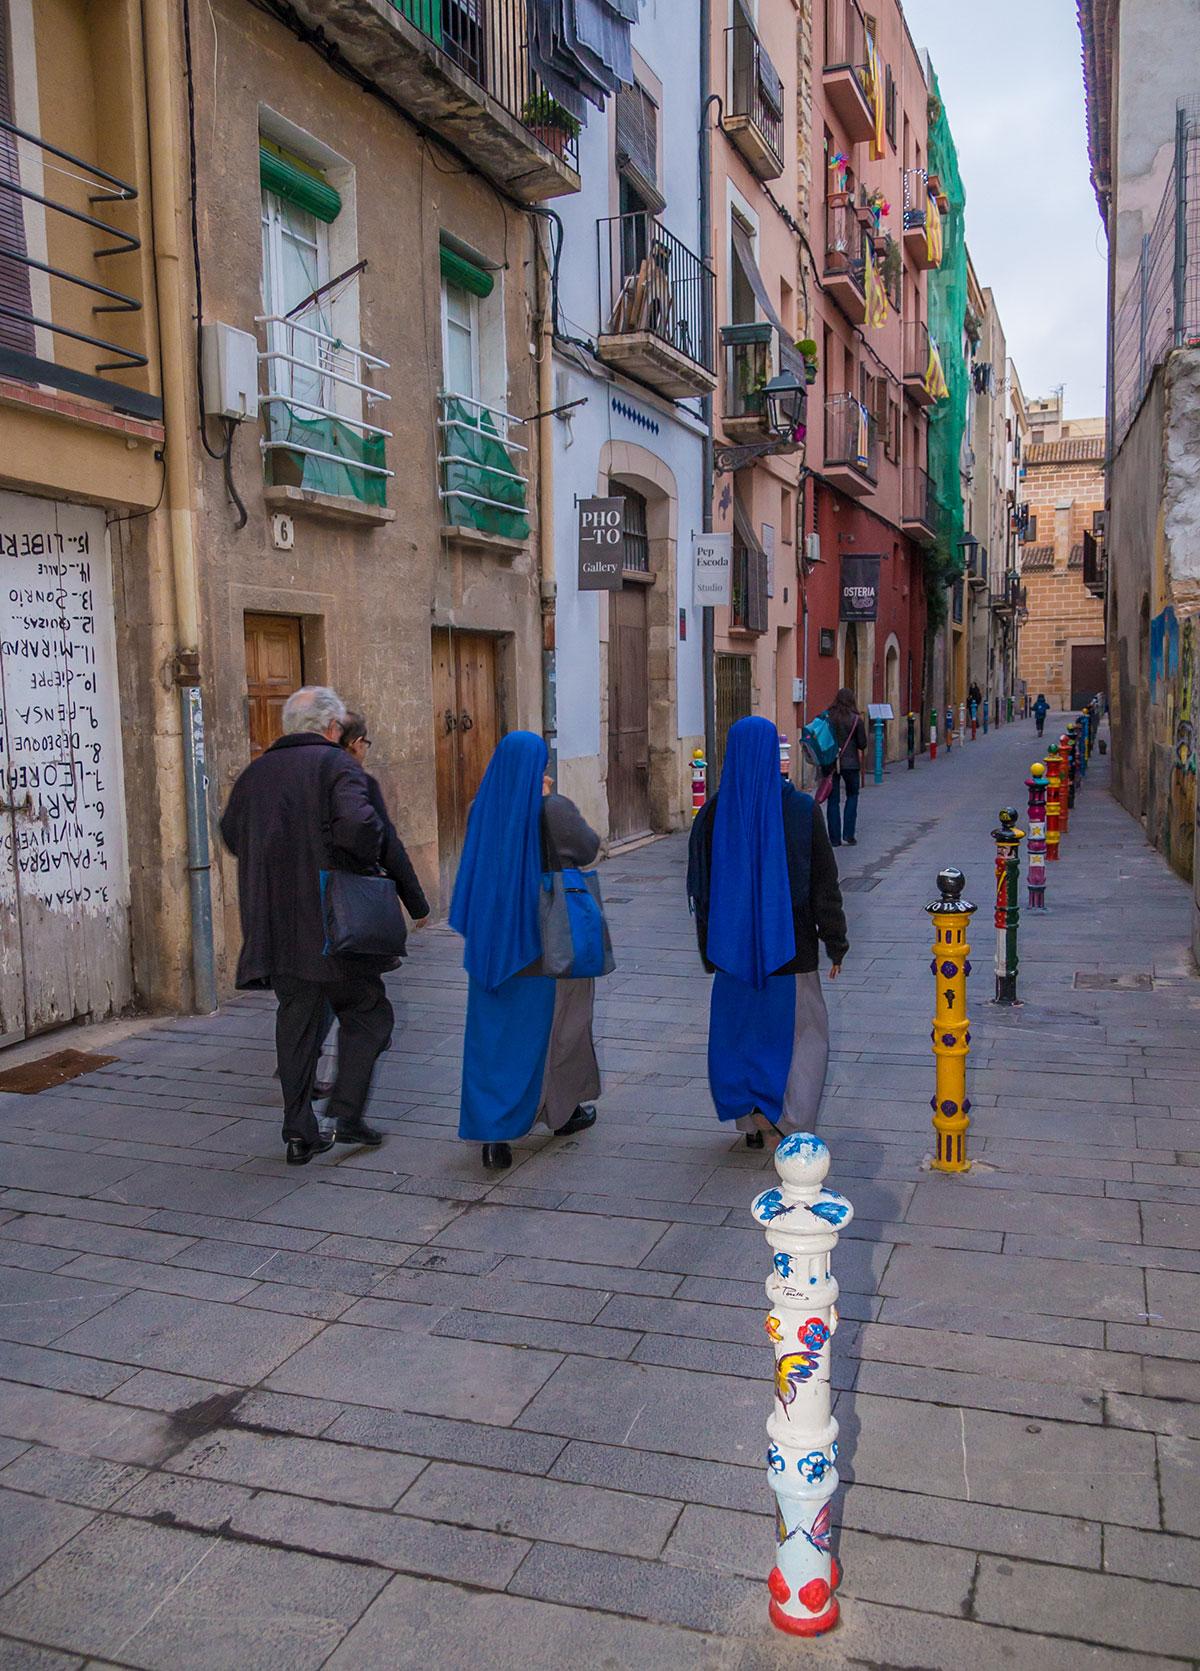 Spanien, Katalonien, Tarragona, Gasse mit bemalten Pfählen und Nonnen